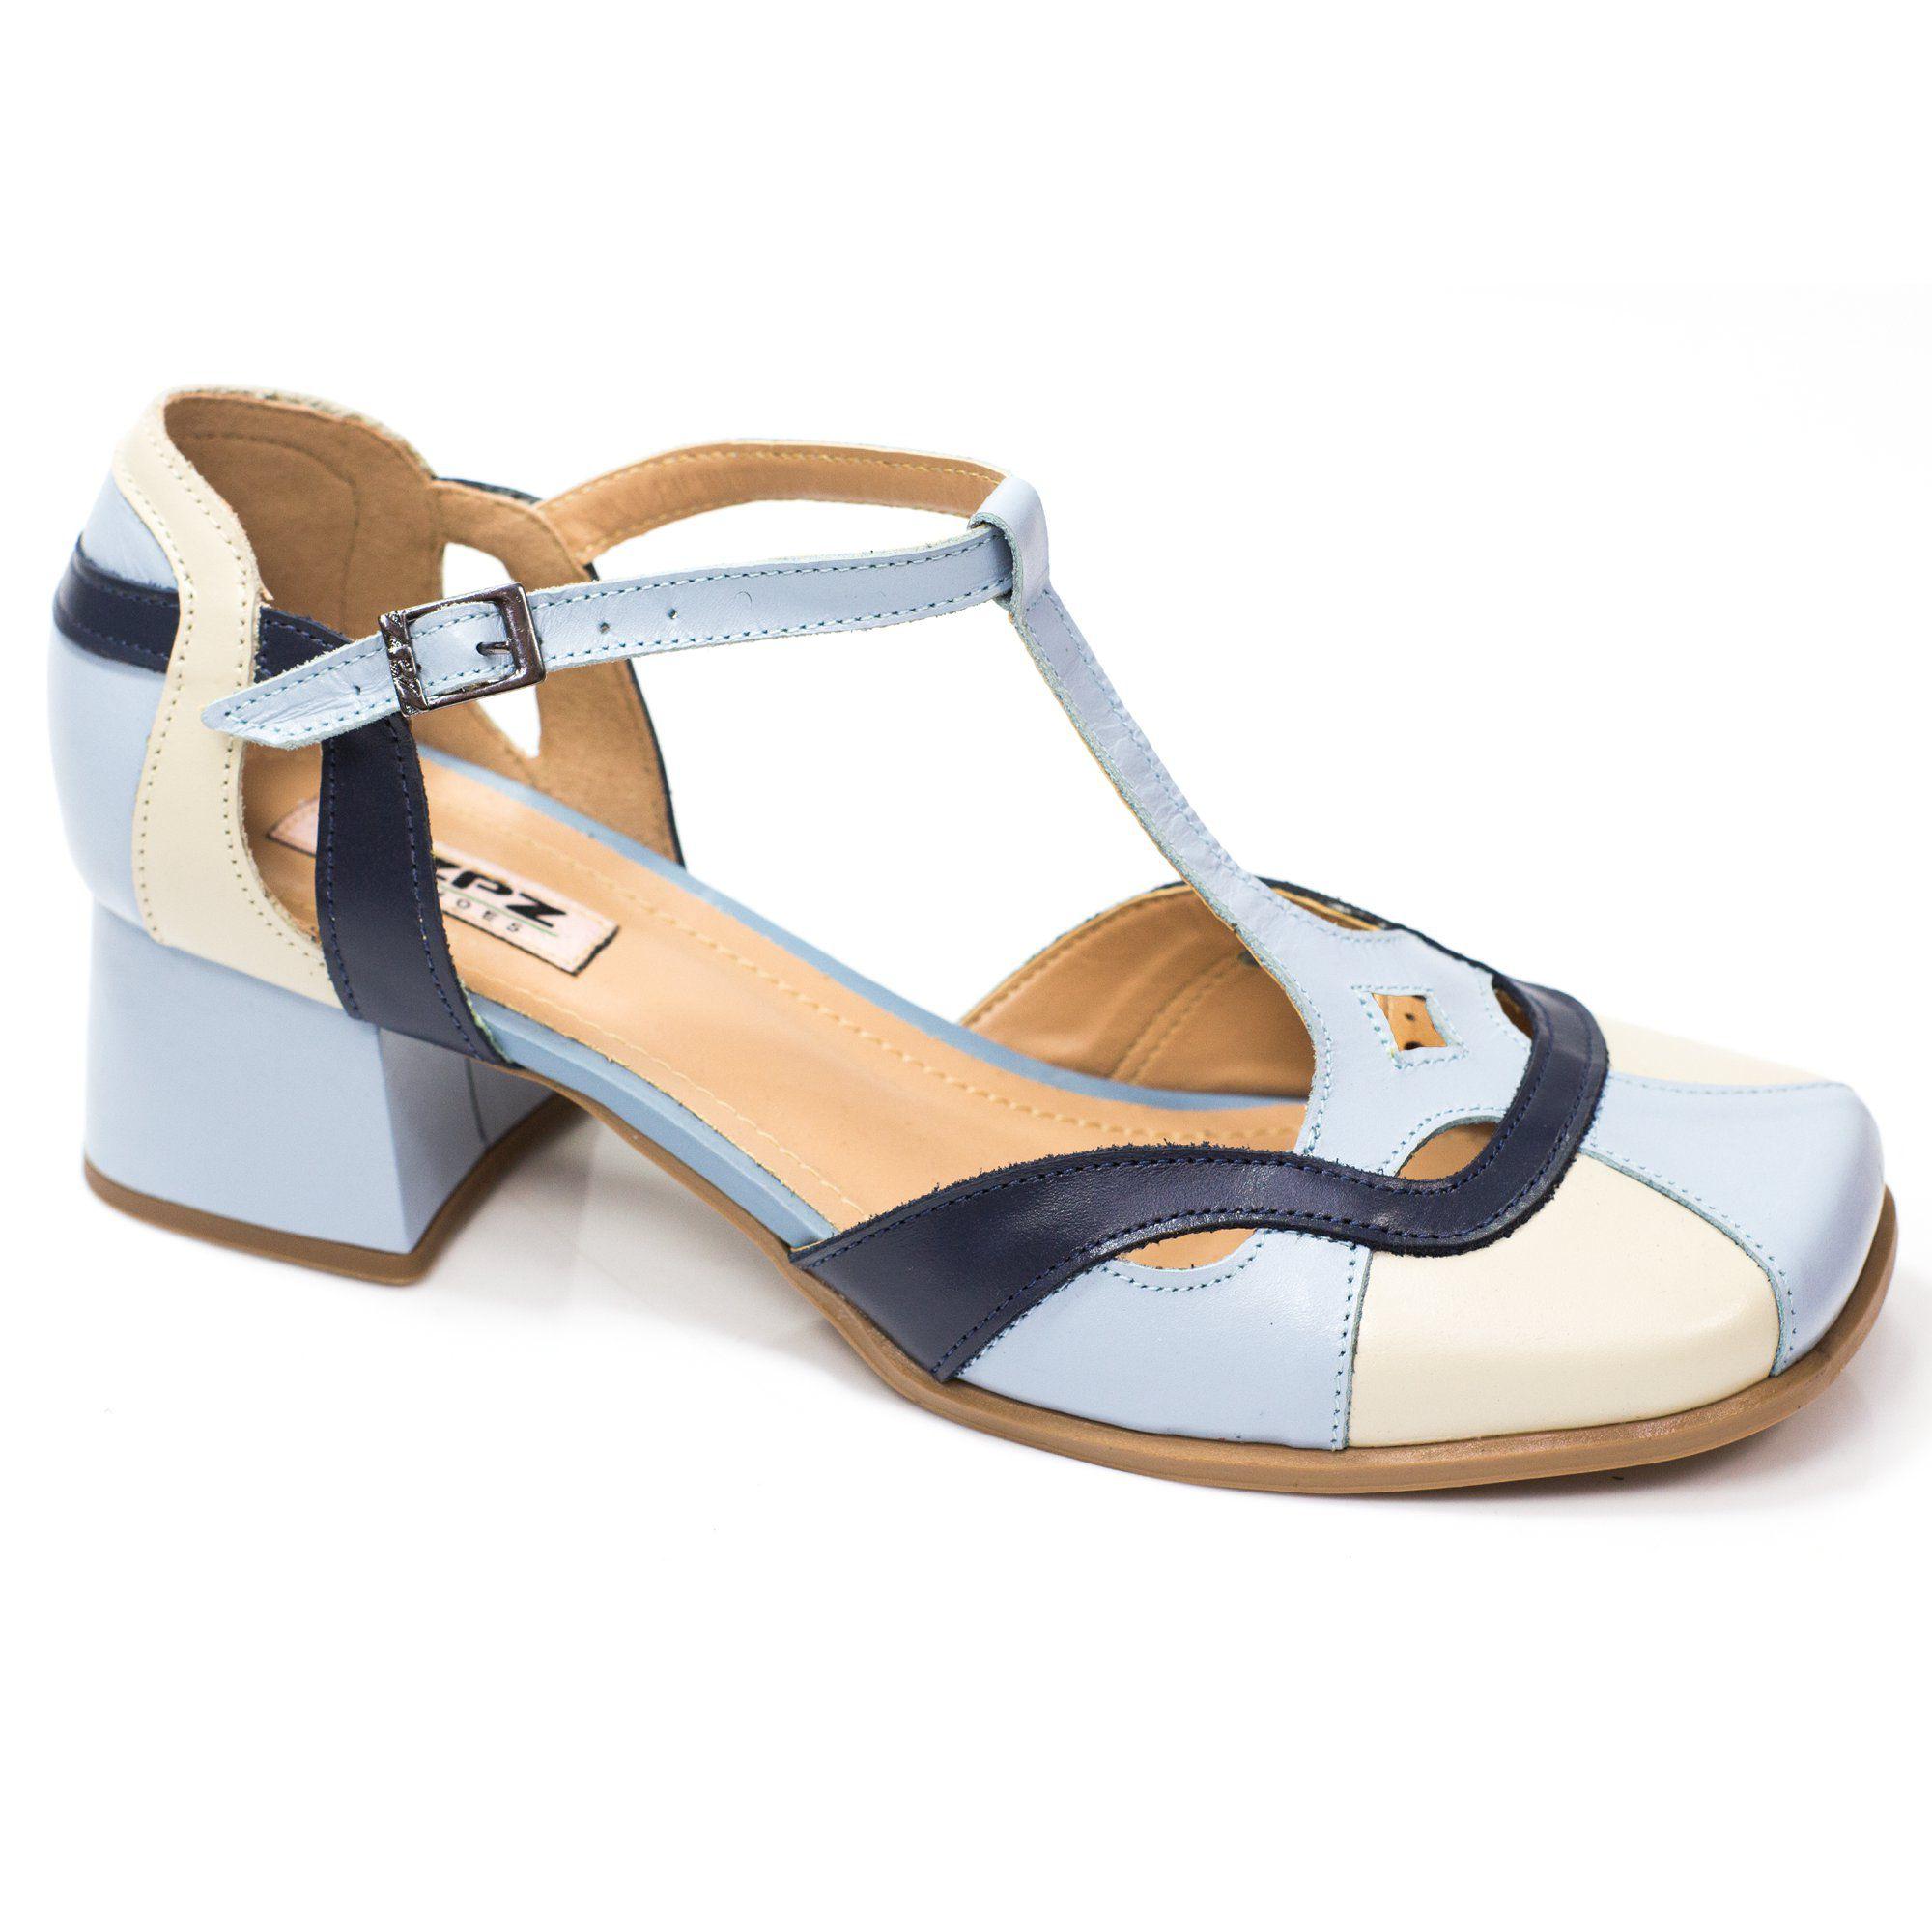 Sapato Retrô em couro Bromélia